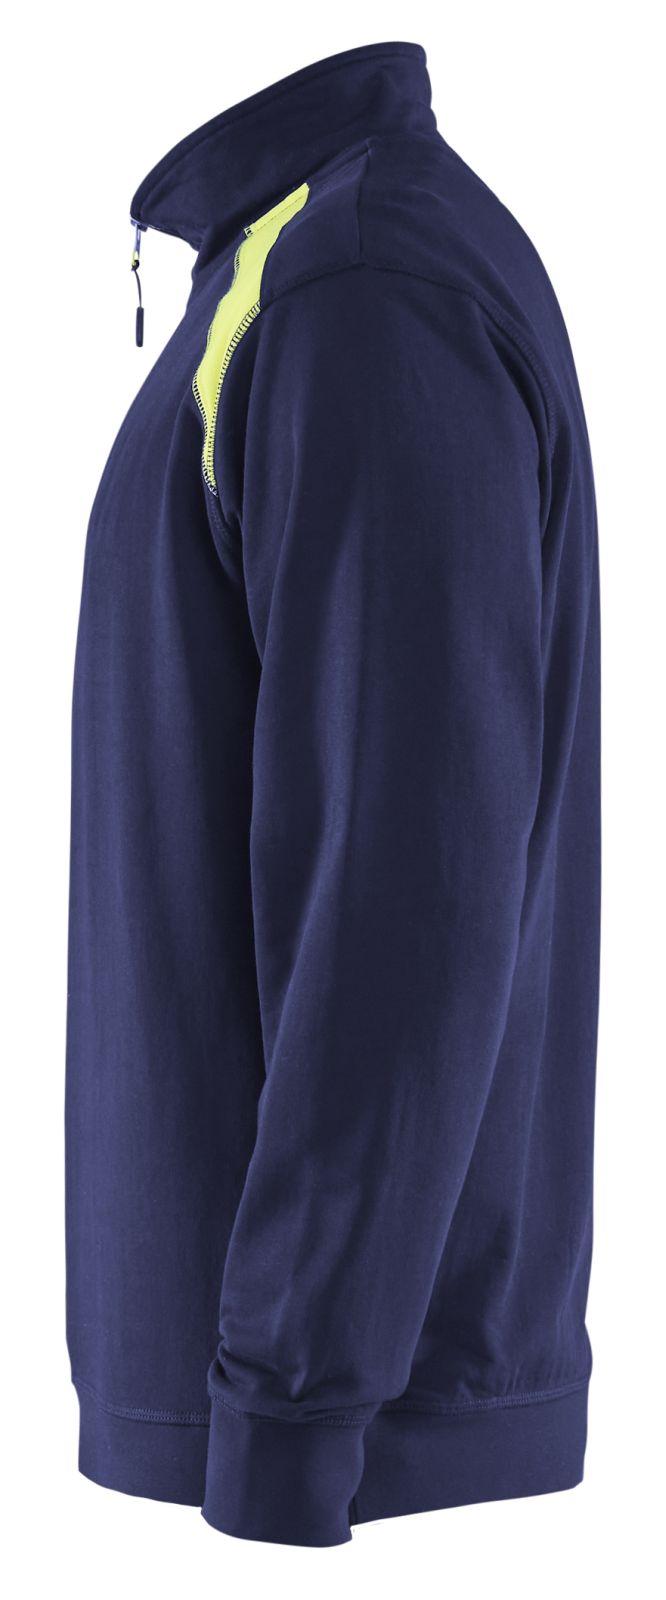 Blaklader Truien 33531158 marineblauw-geel(8933)